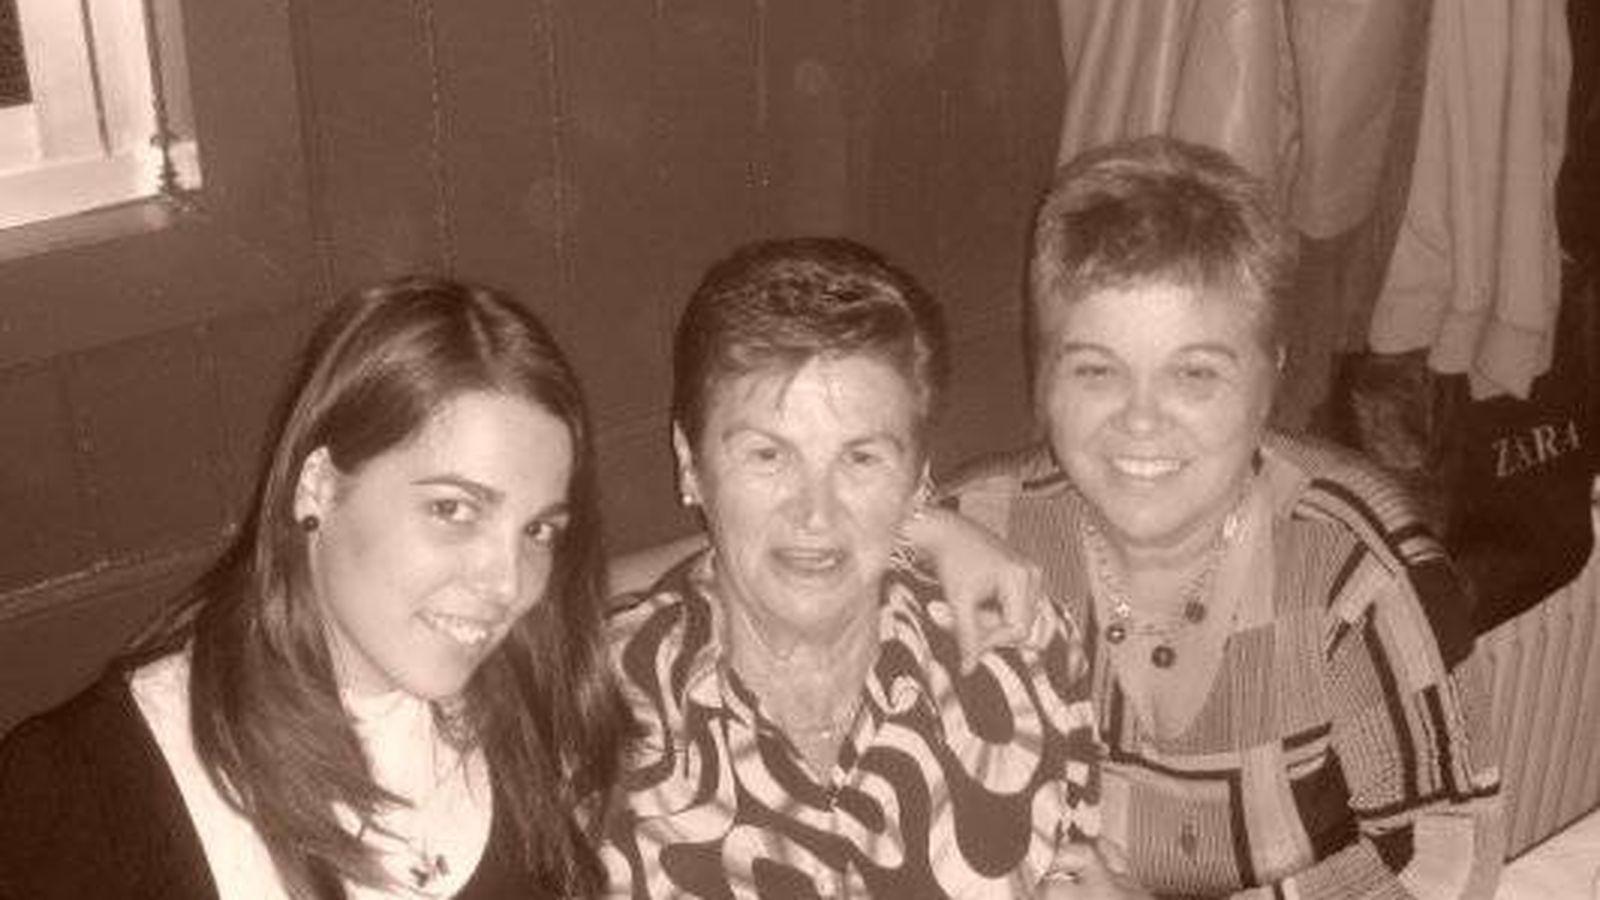 Foto: Imagen facilitada por la familia de Nagore Laffage en la que aparece junto a su madre y su abuela. (EC)